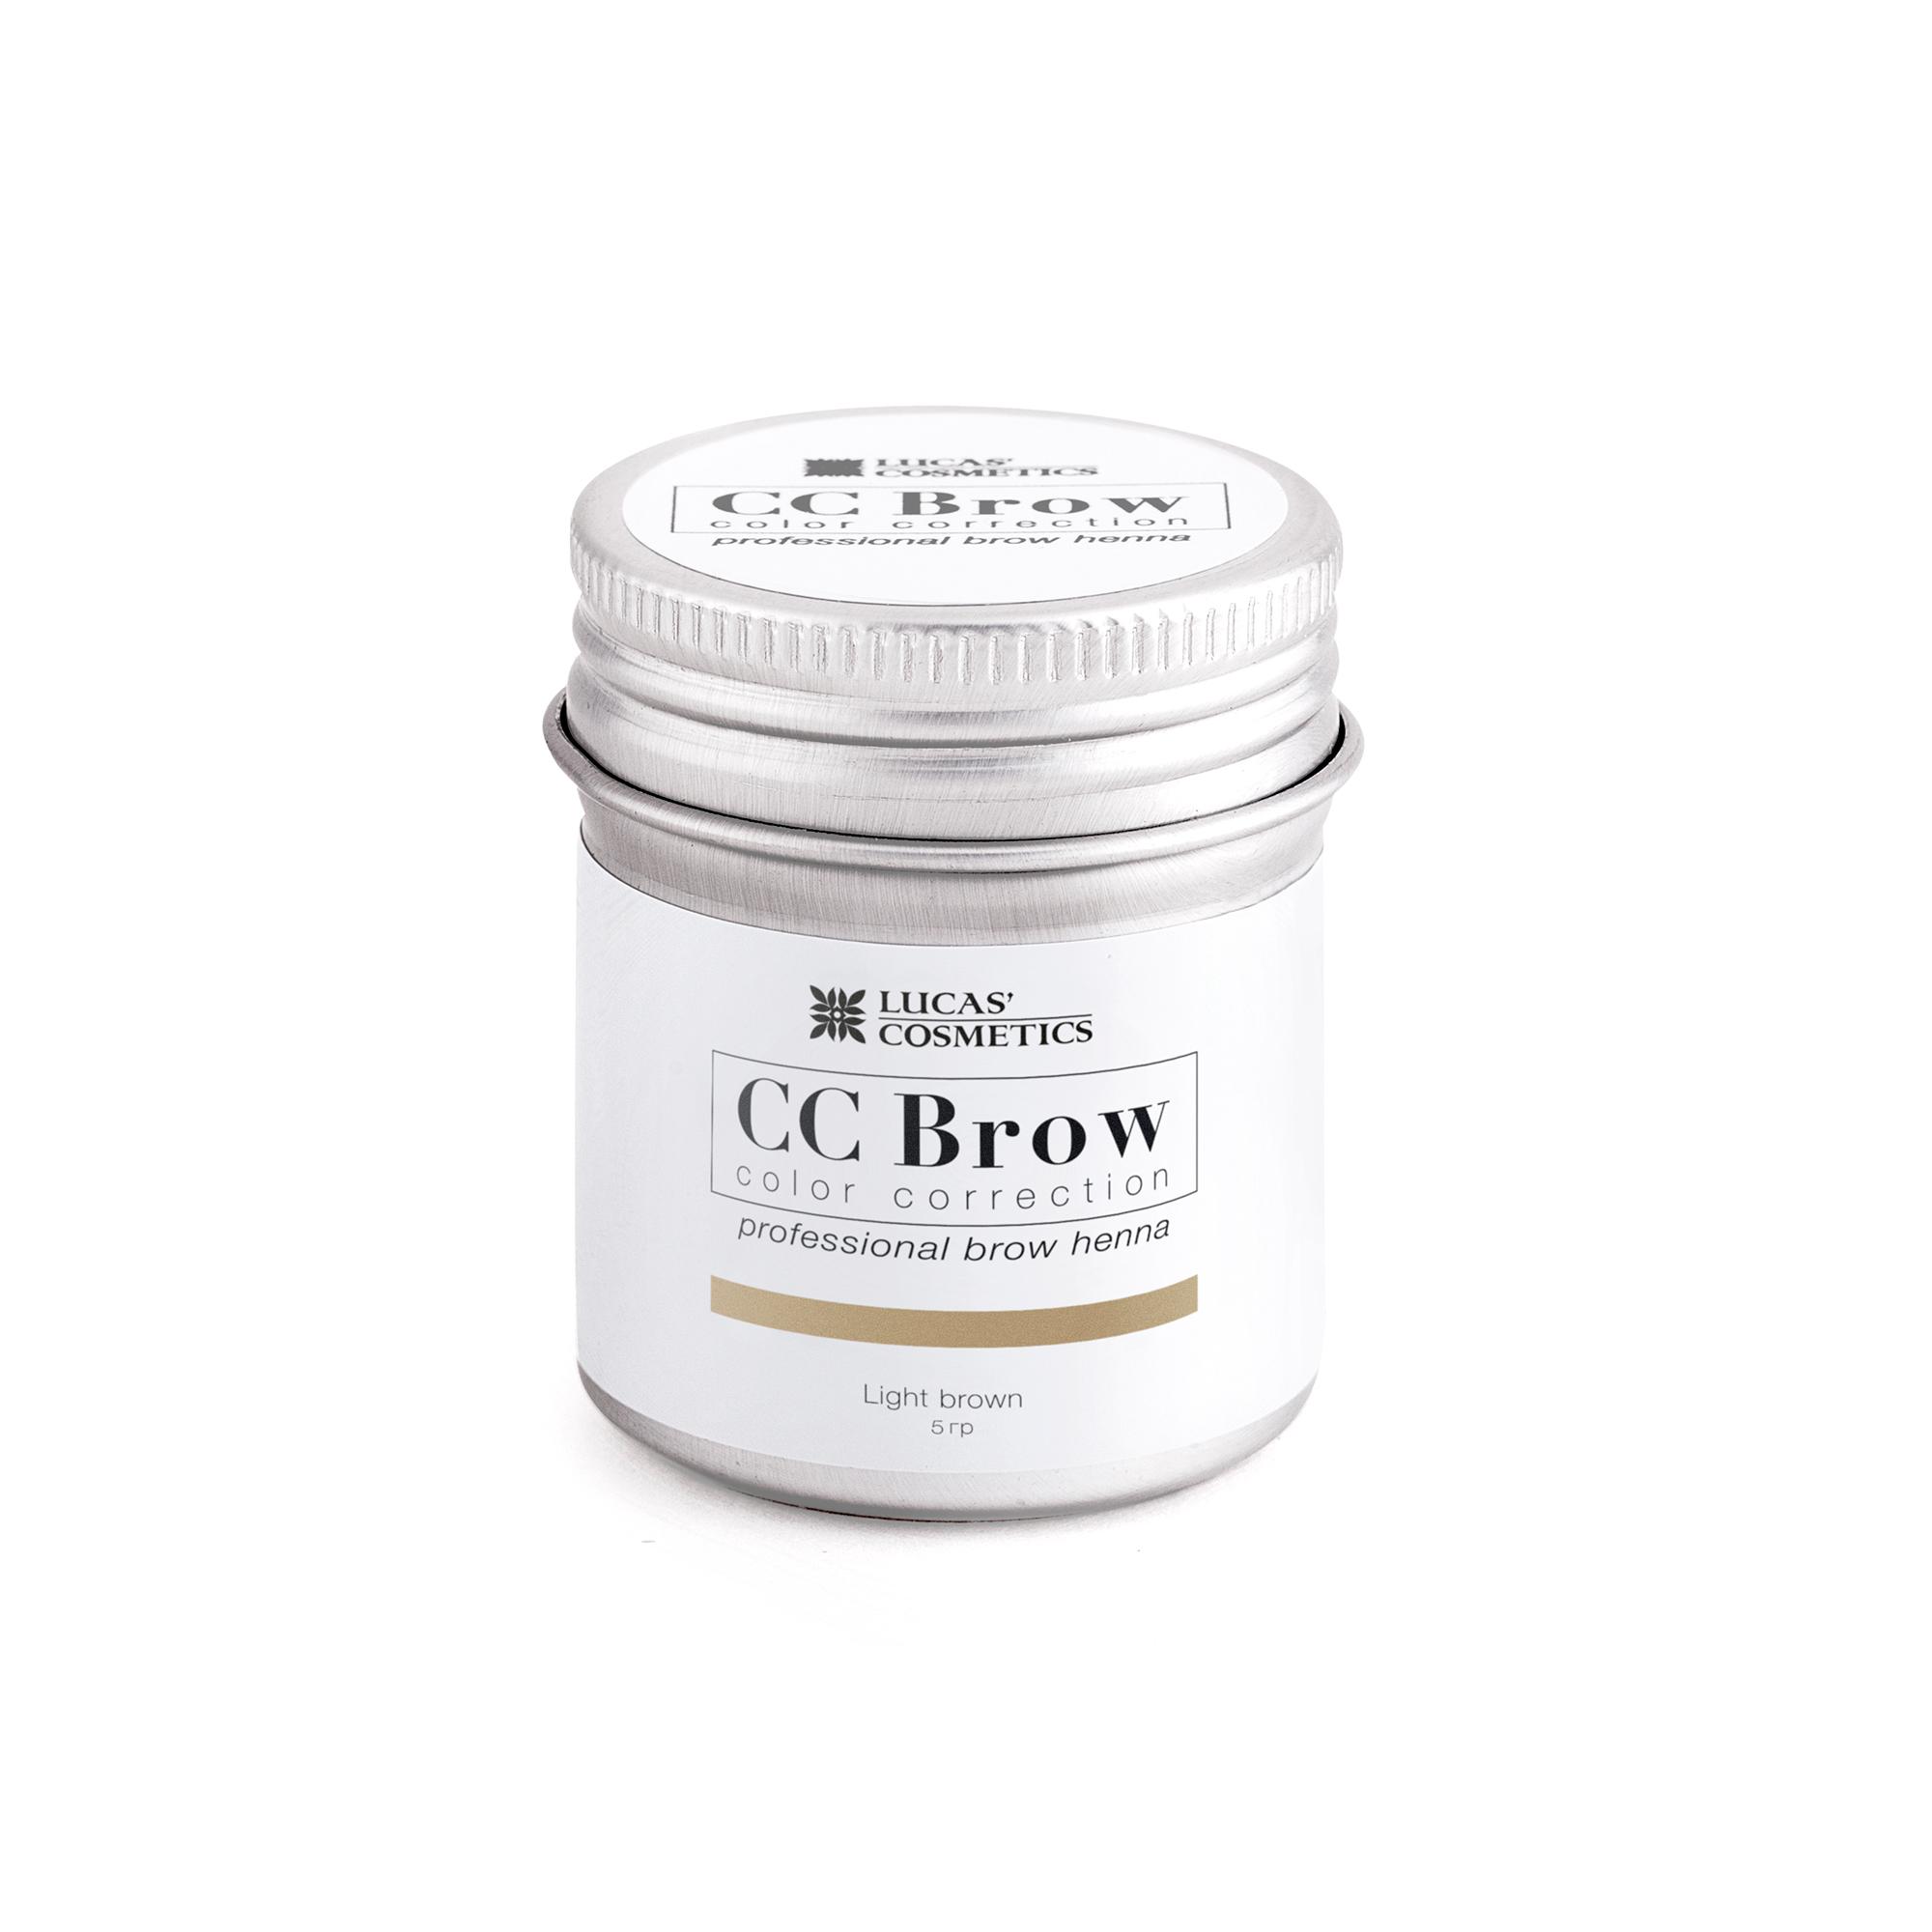 LUCAS' COSMETICS Хна для бровей, светло-коричневый (в баночке) / CC Brow light brown 5 г - Хна для бровей